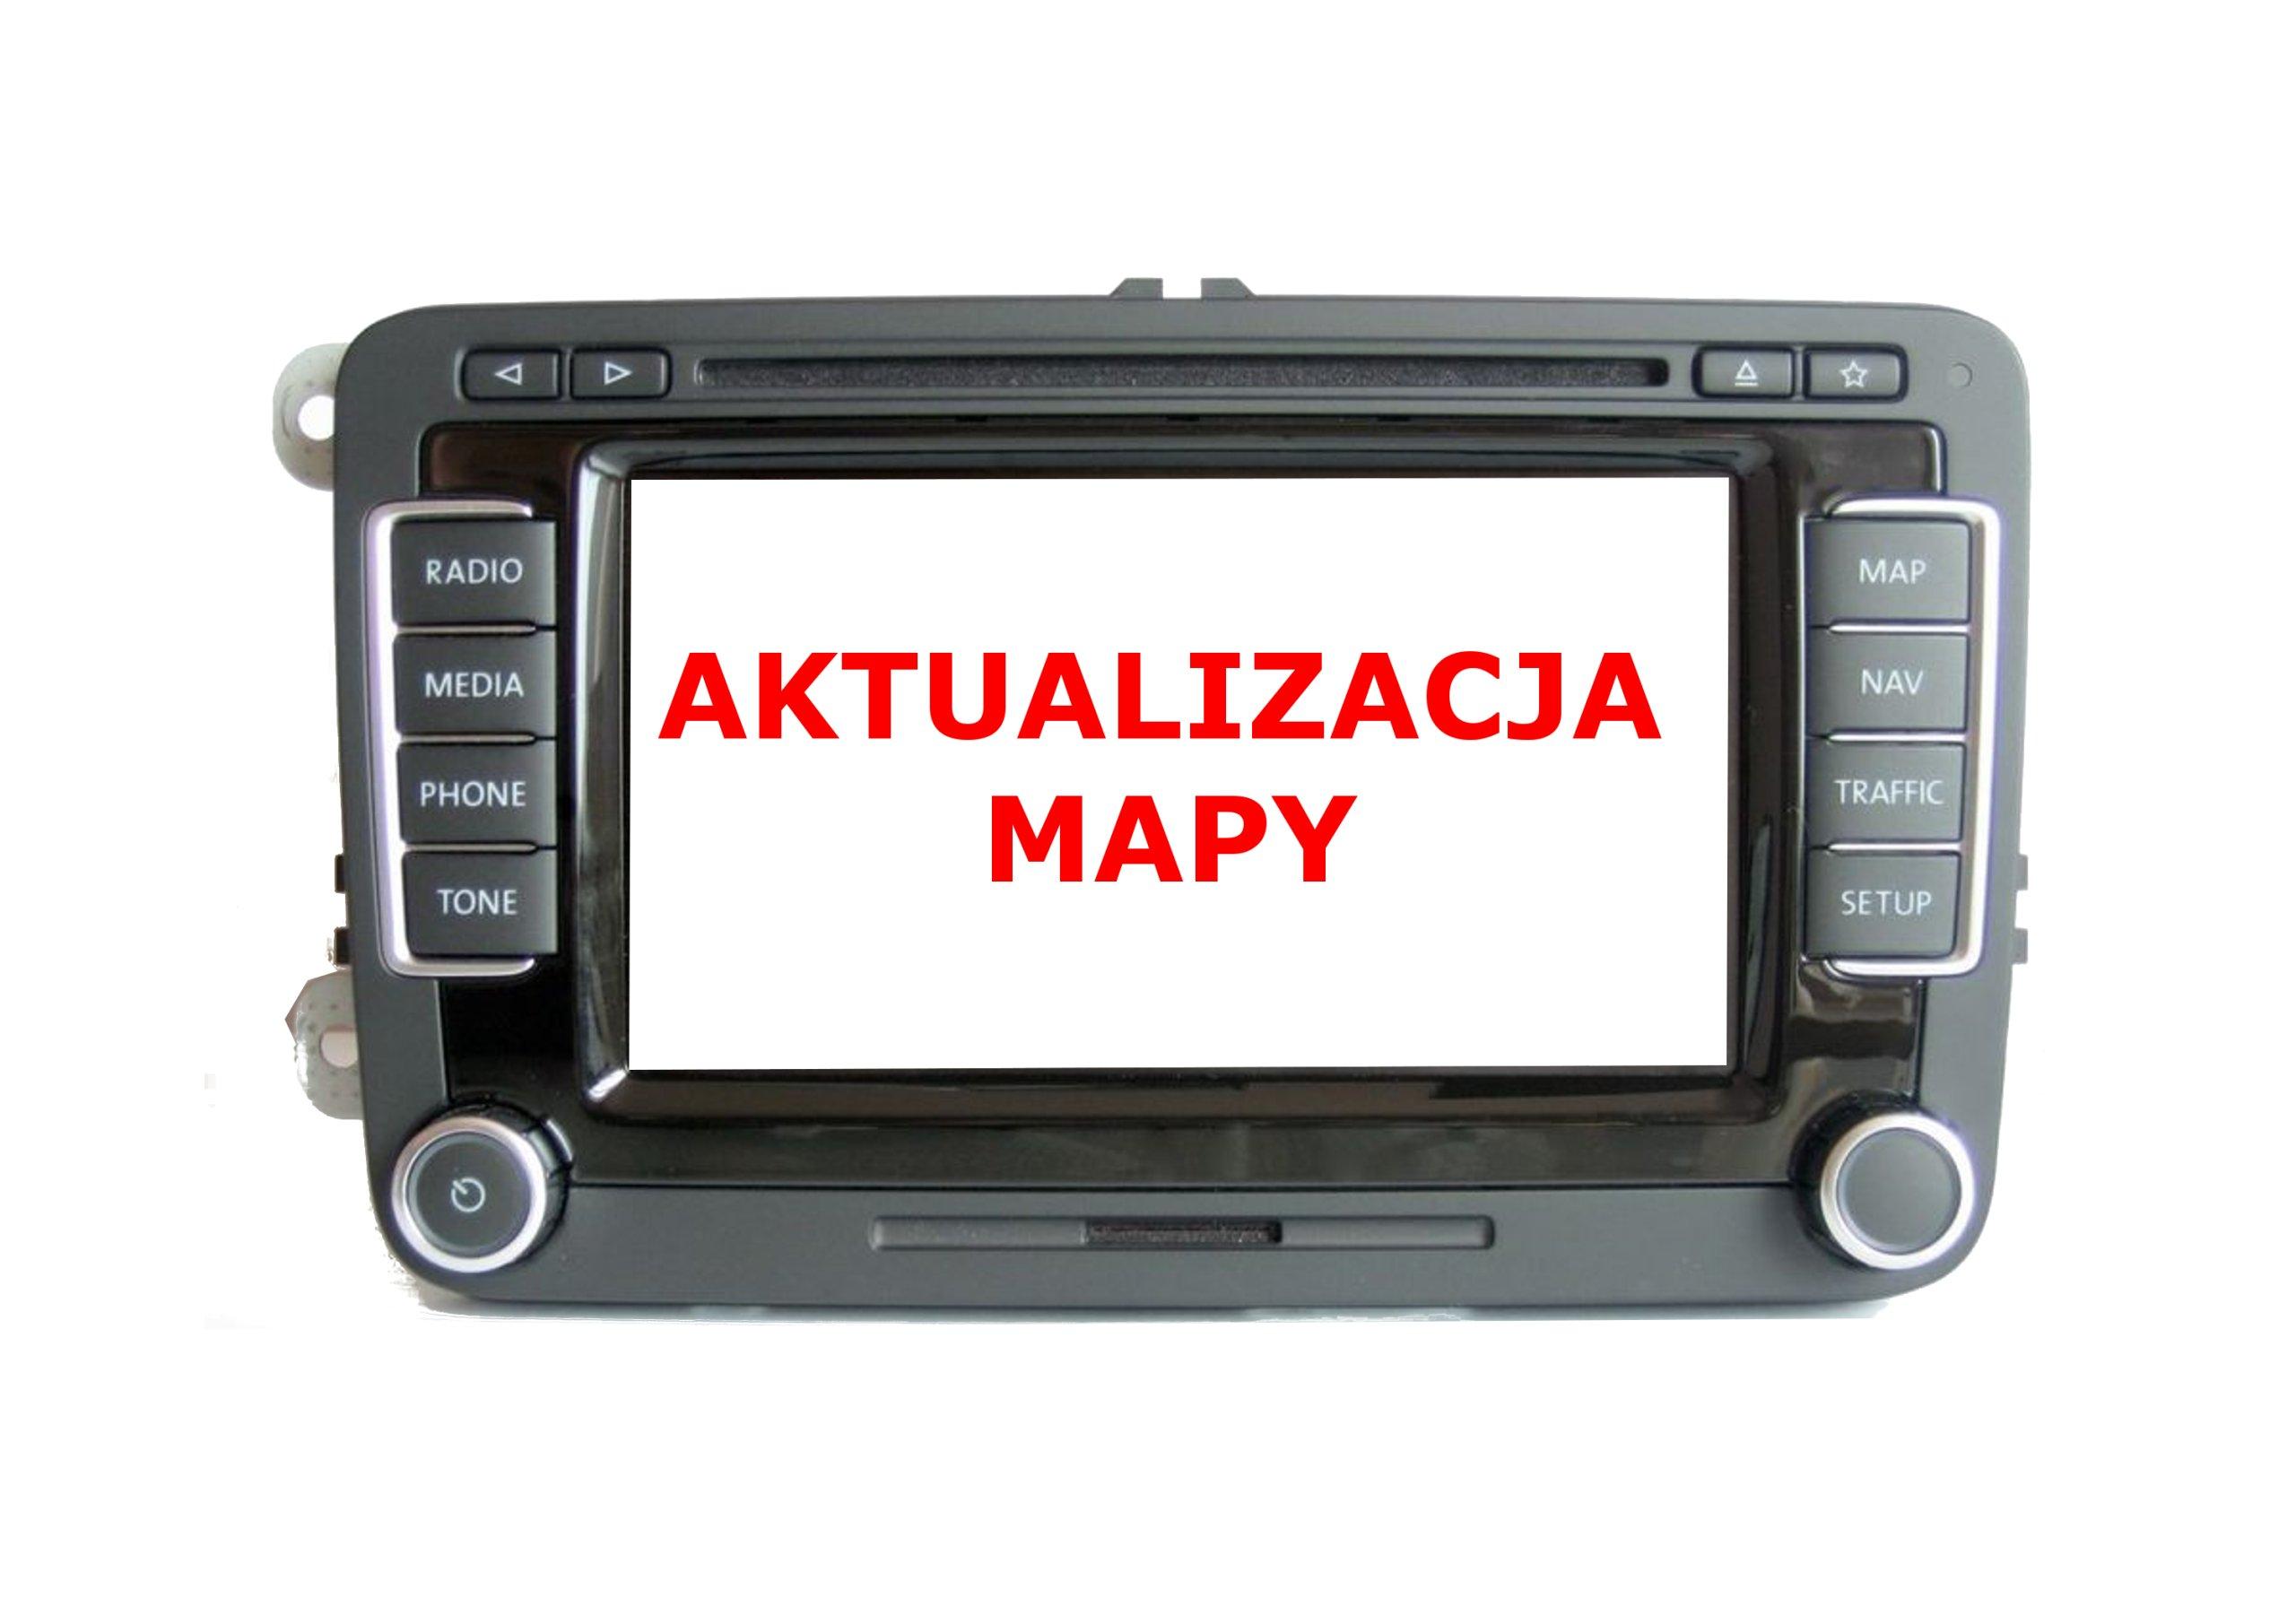 afbdacfce VW RNS510 SKODA COLUMBUS MAPA V15 WEST NAJNOWSZA 7546025992 - Allegro.pl